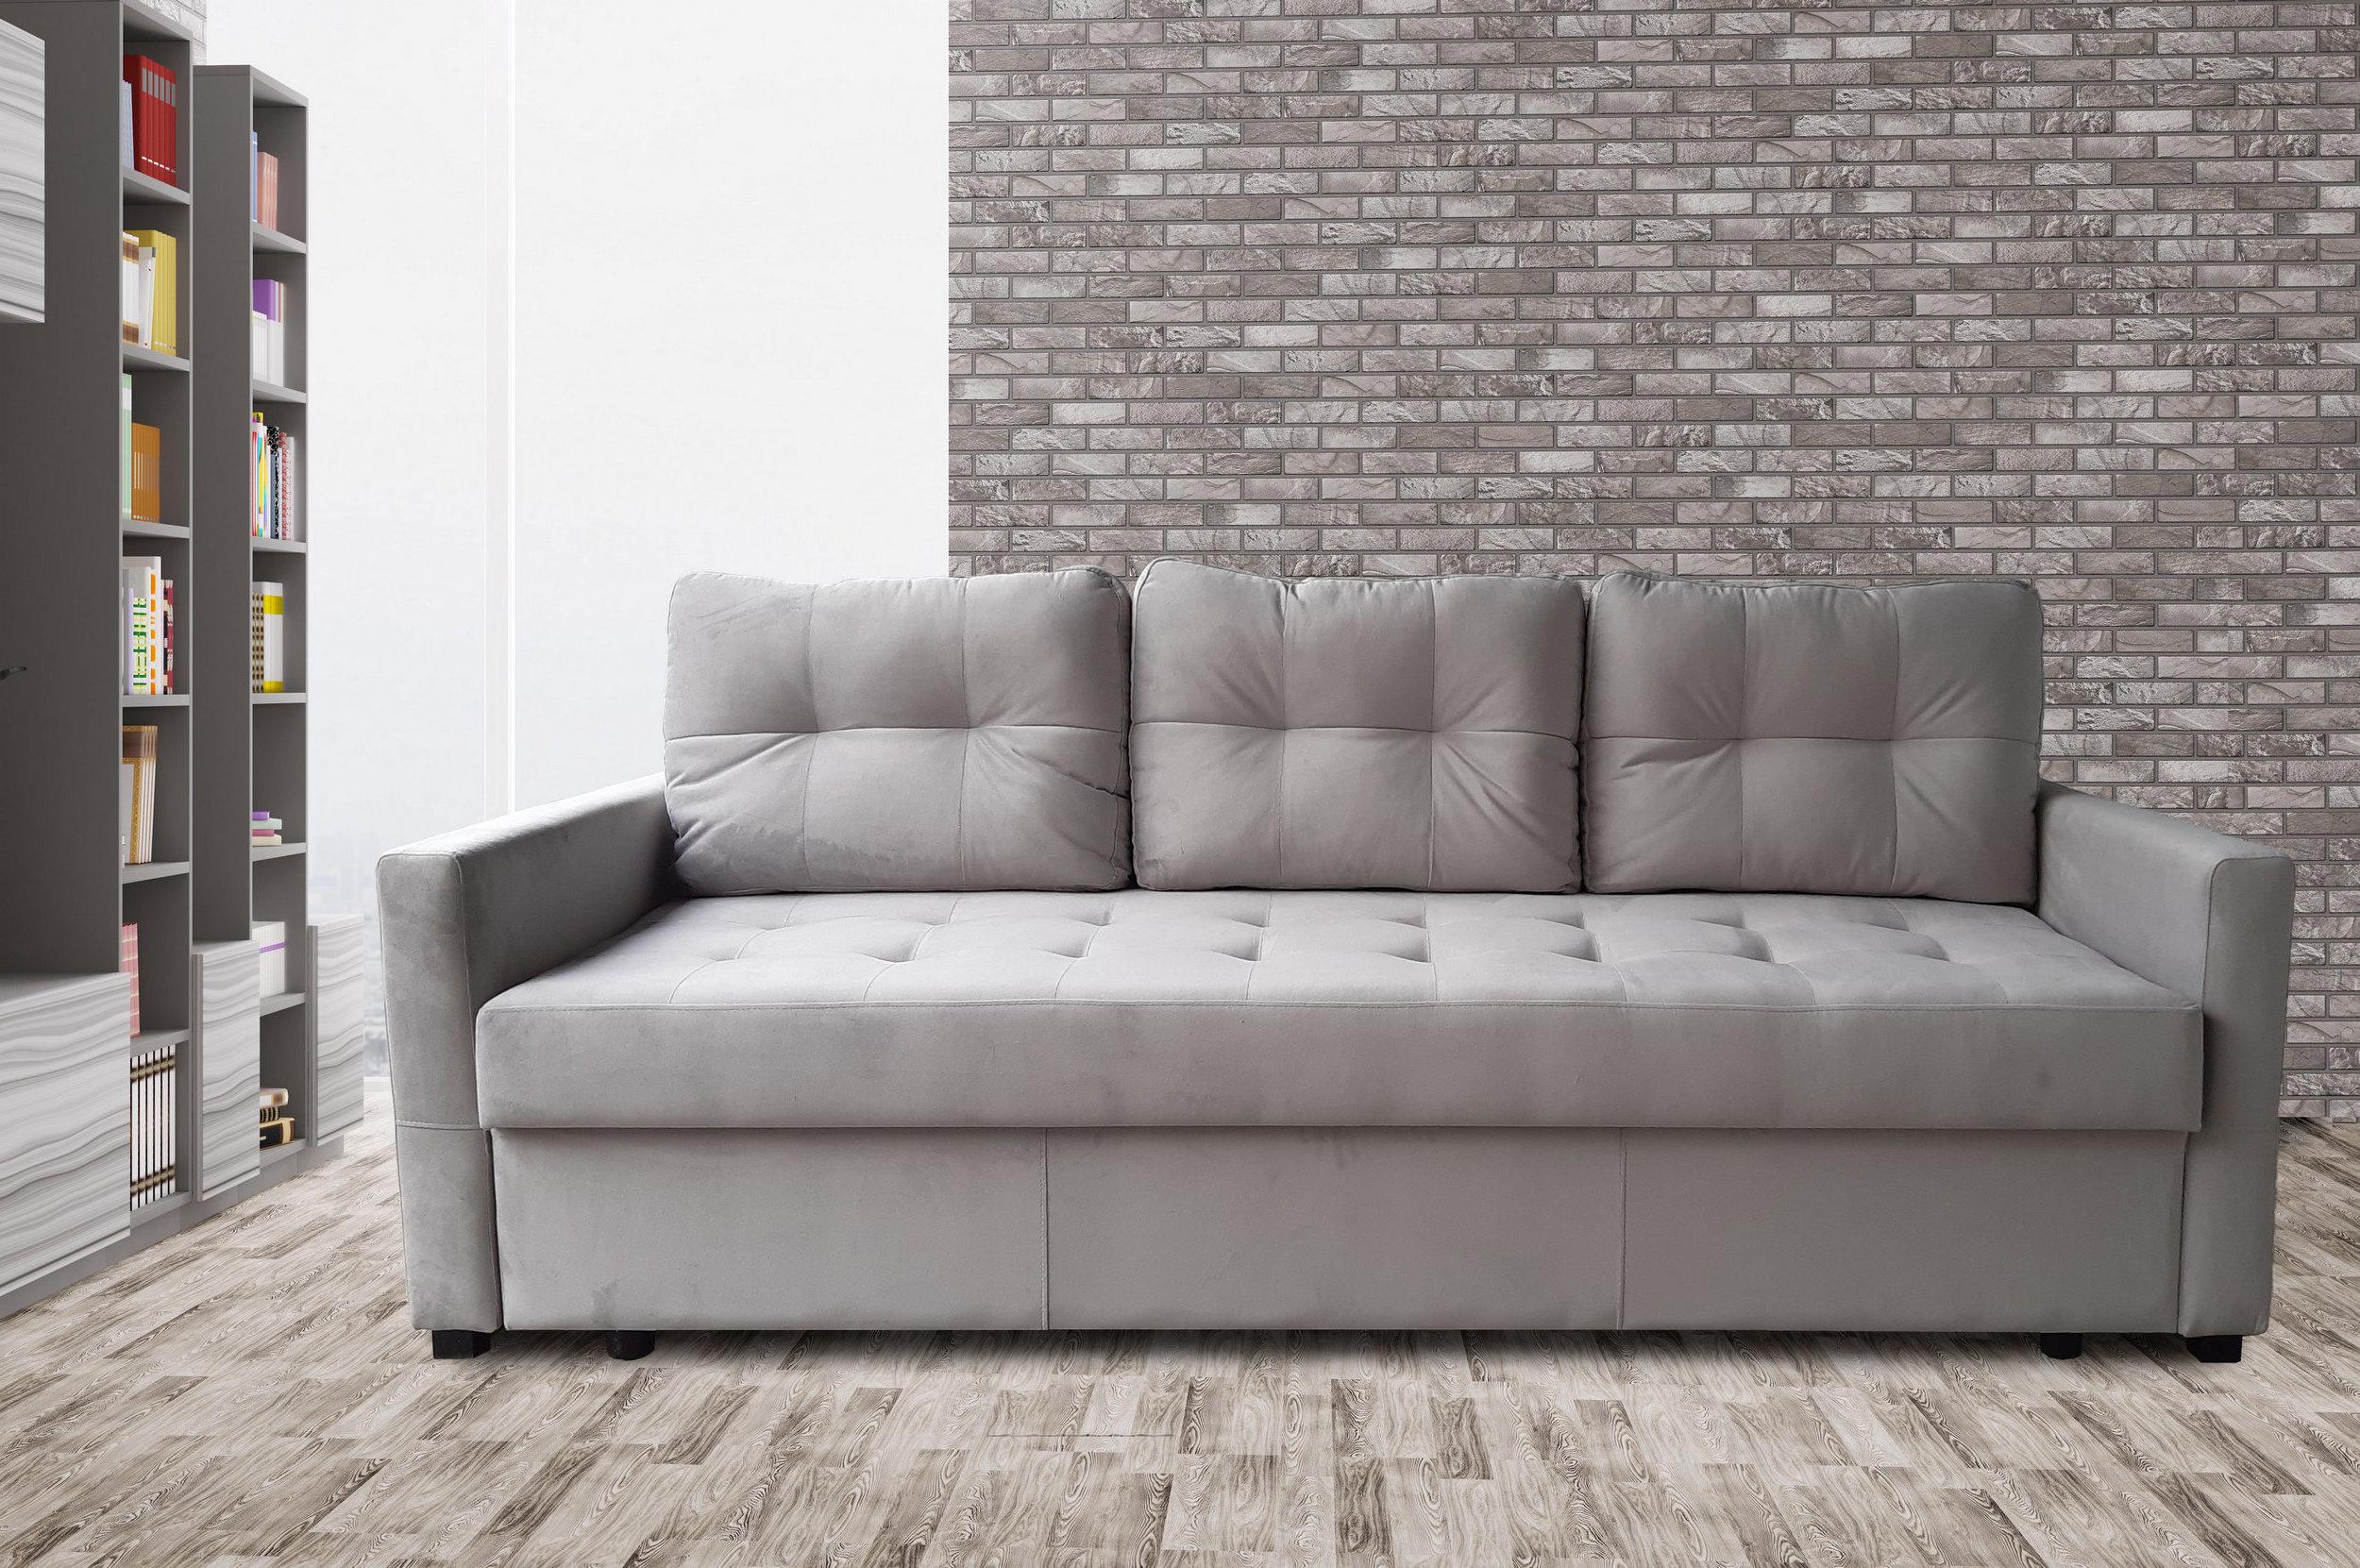 Как упаковать диван для перевозки